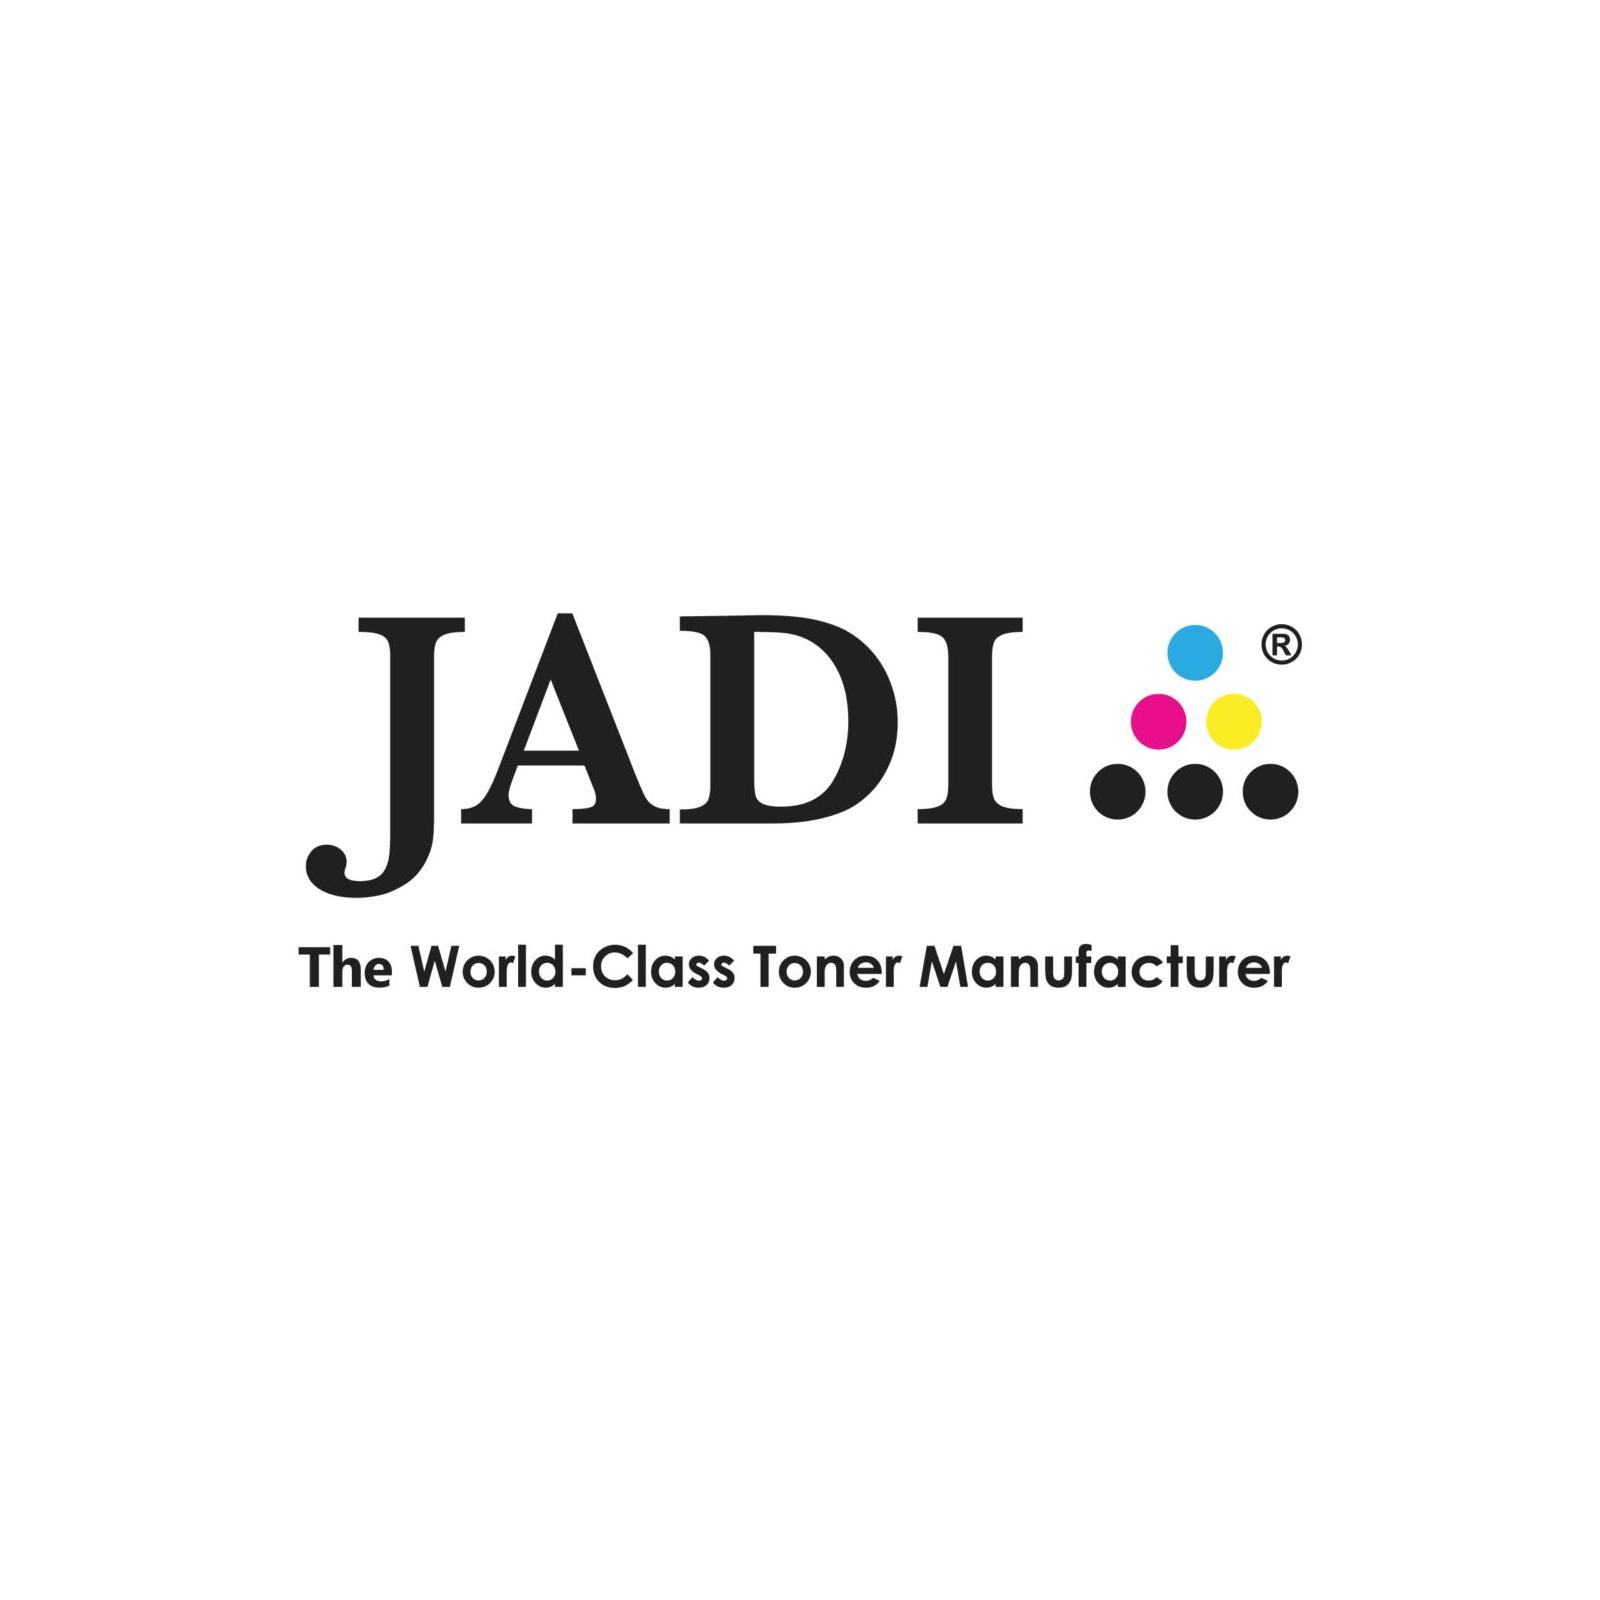 Тонер HP LJ Universal Premium Plus (1010/1160/1200) 140г Jadi (TSM-JLT-003P-140)